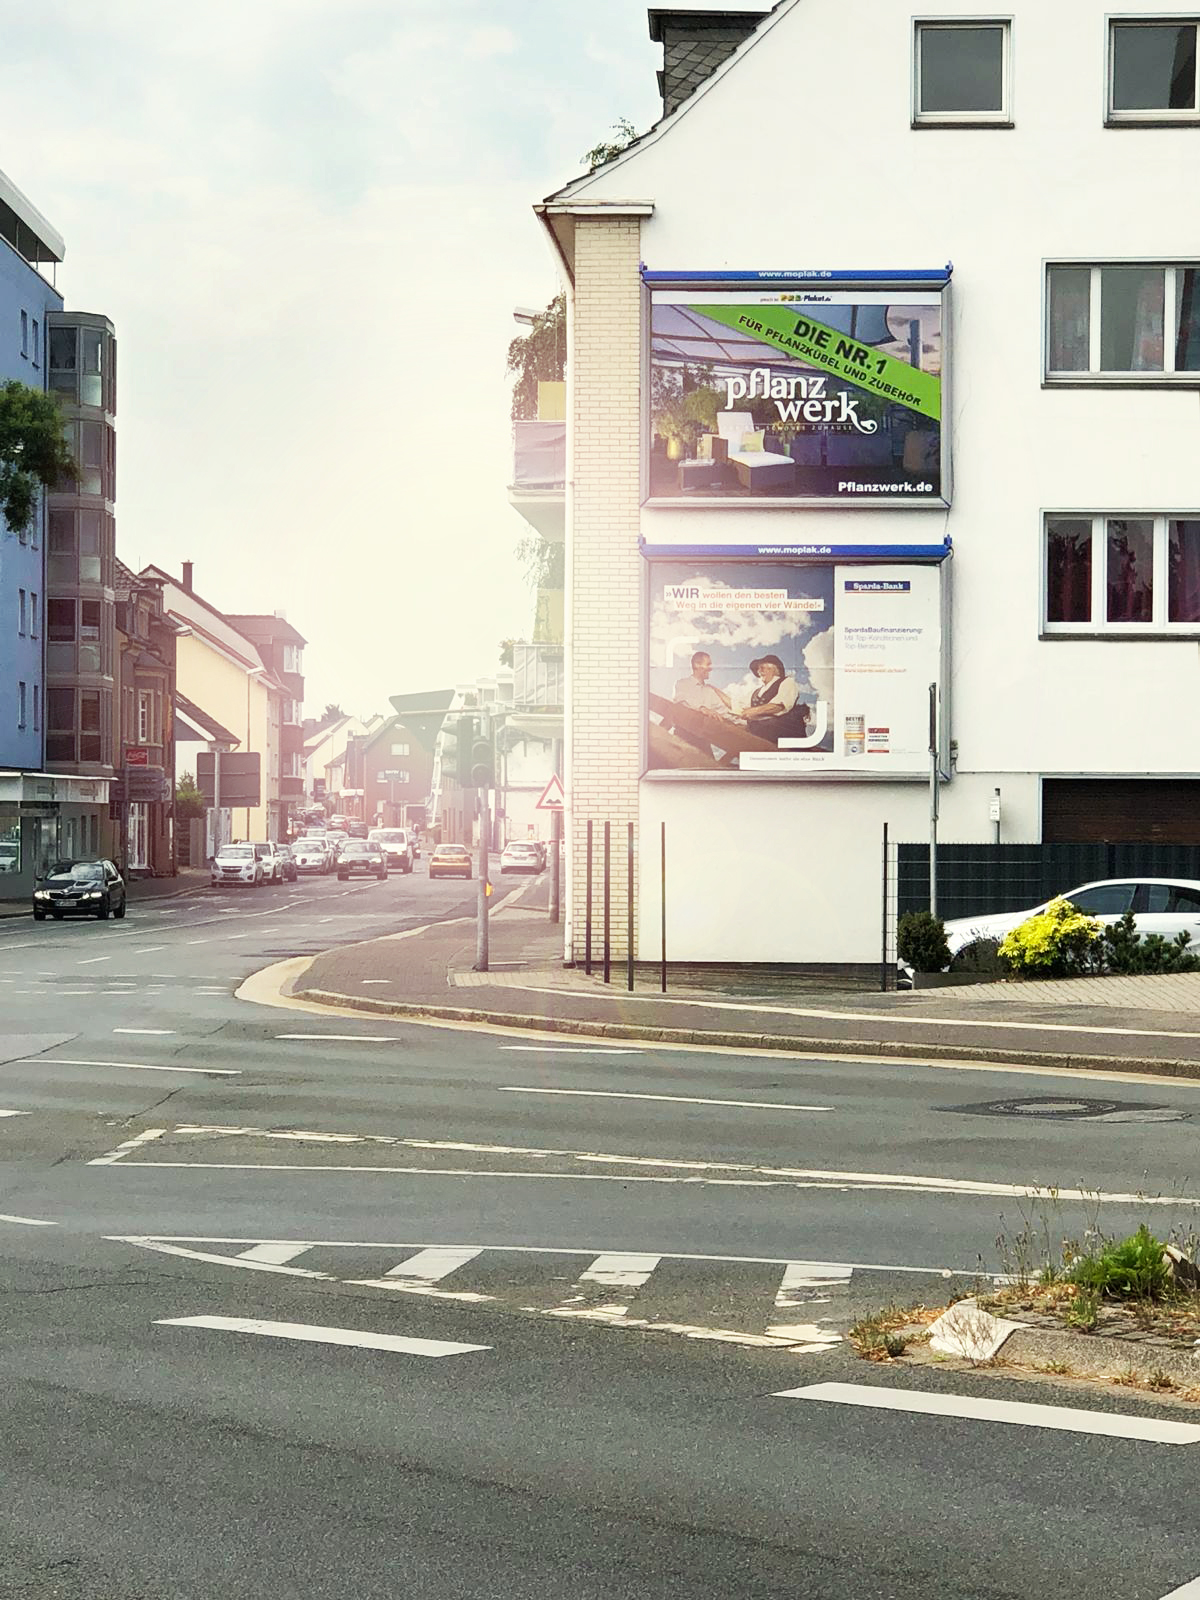 Pflanzwerk Plakatwerbung in Moers / Nordrhein Westfalen